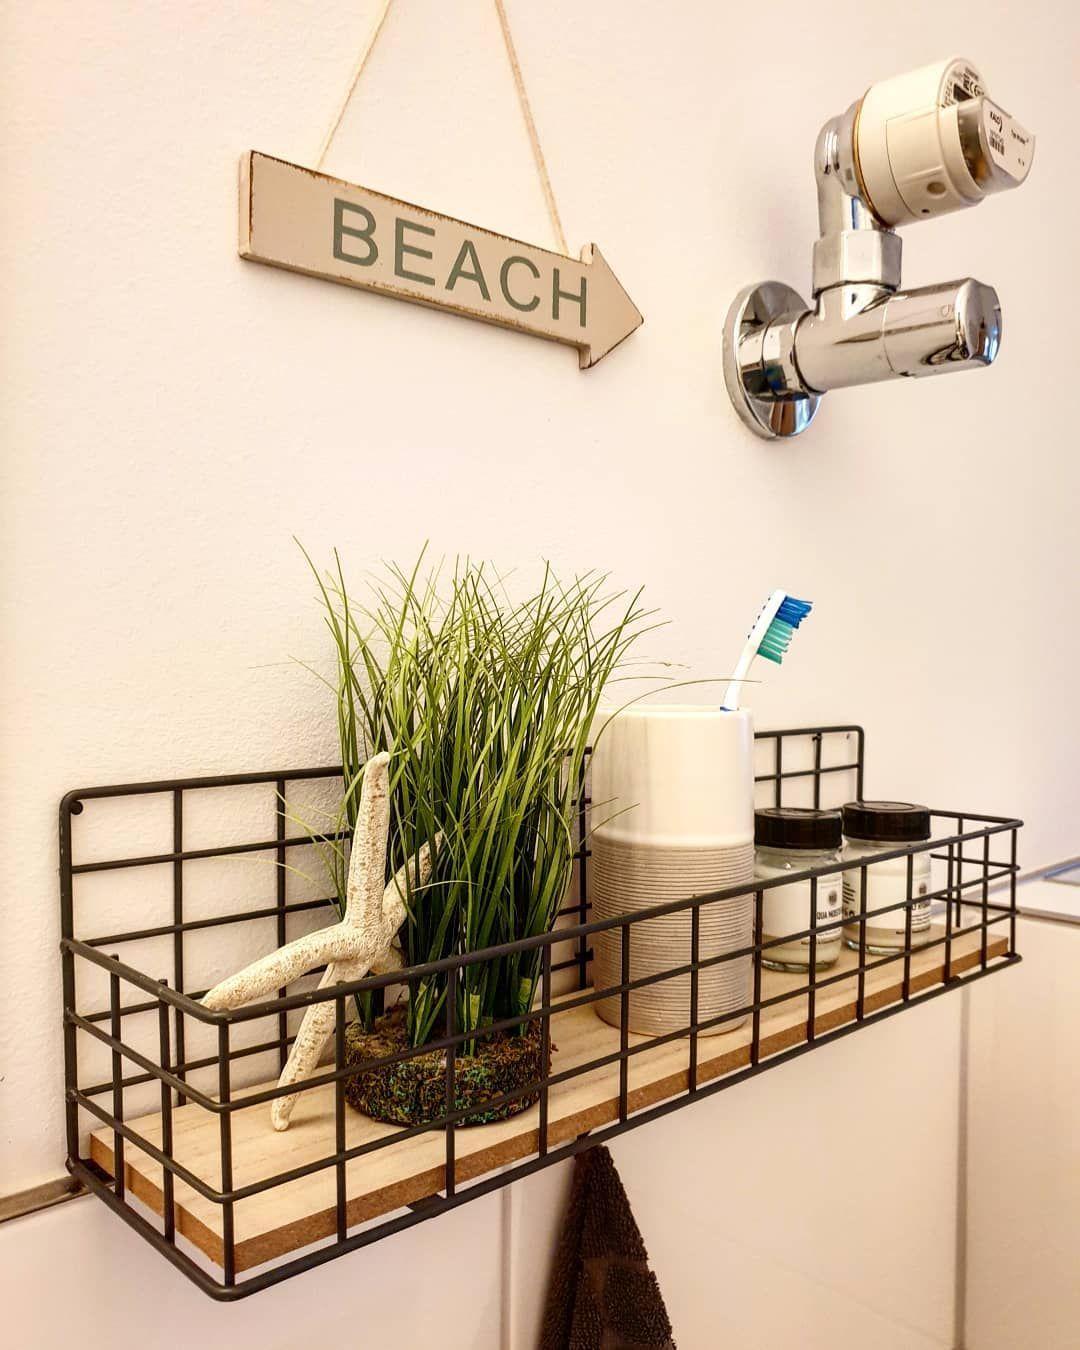 Badezimmer Bathroom Regal Regalborte Maritim Deko Dekoration Maisondumonde Maisondumondeofficial In 2020 Dekoration Badezimmer Badezimmer Badezimmer Maritim